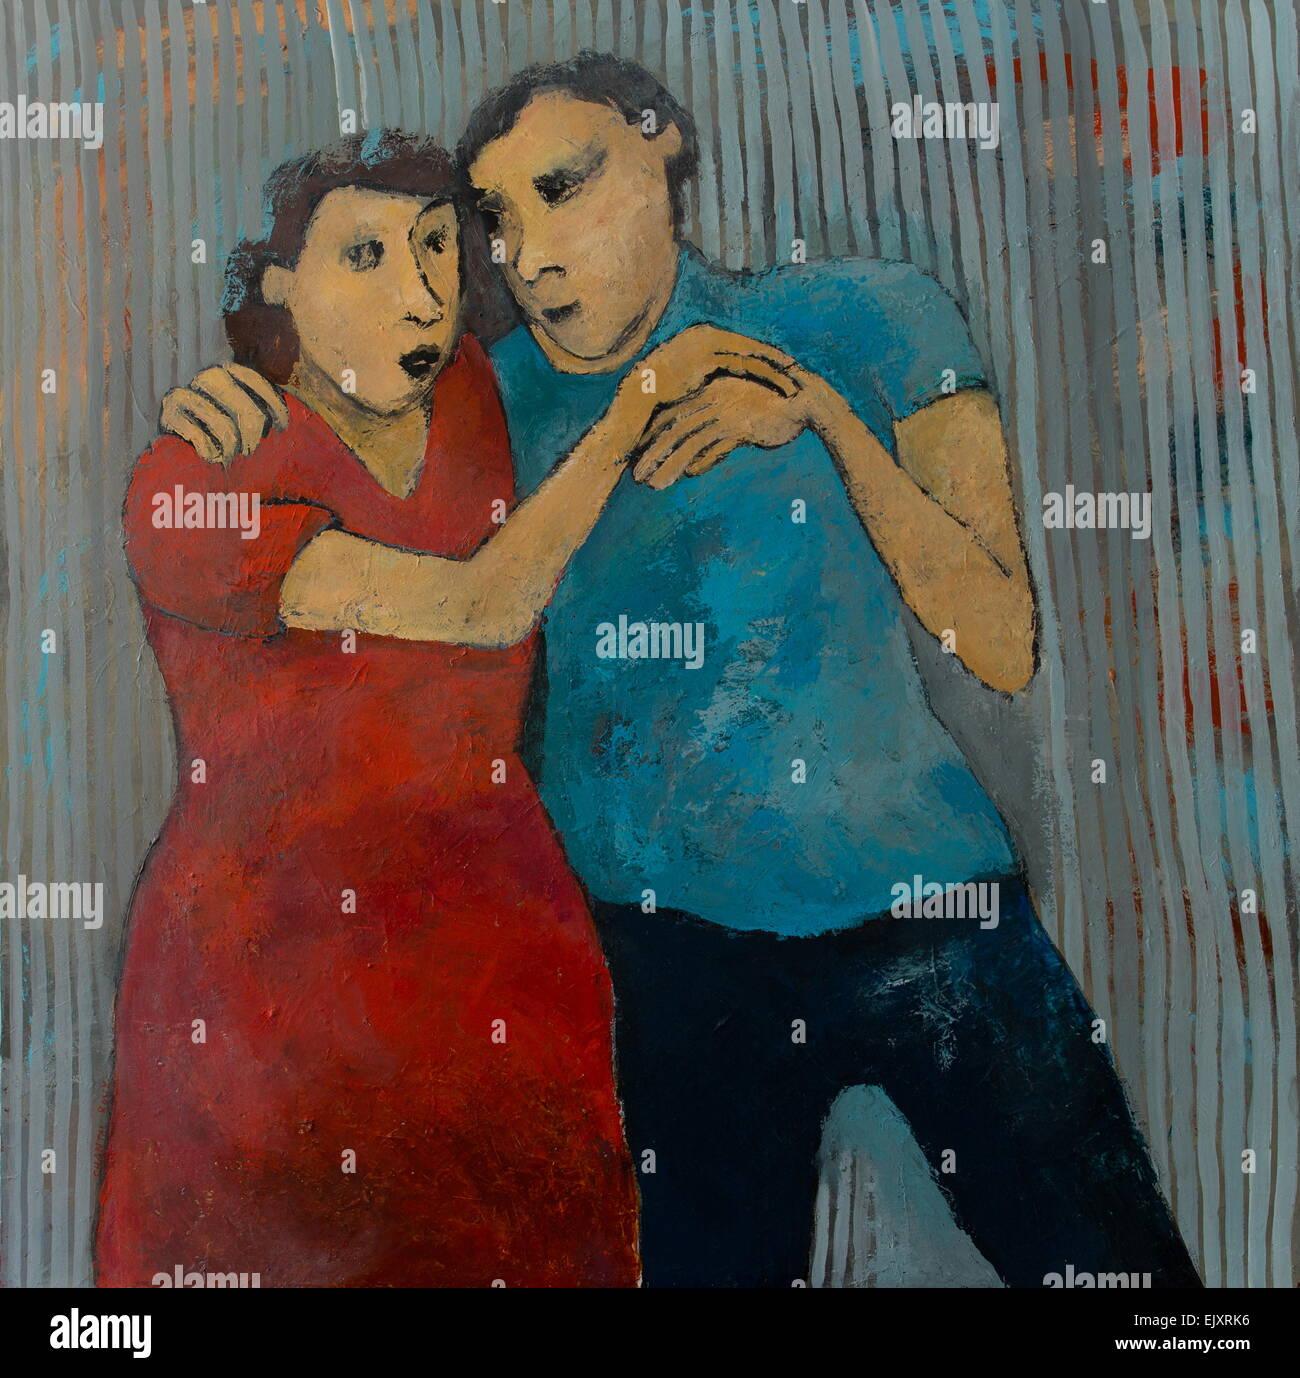 ActiveMuseum_0004632.jpg / immer näher 26.06.2014 - verkauft / 21. Jahrhundert Chantal Roux / aktive Museum Stockbild